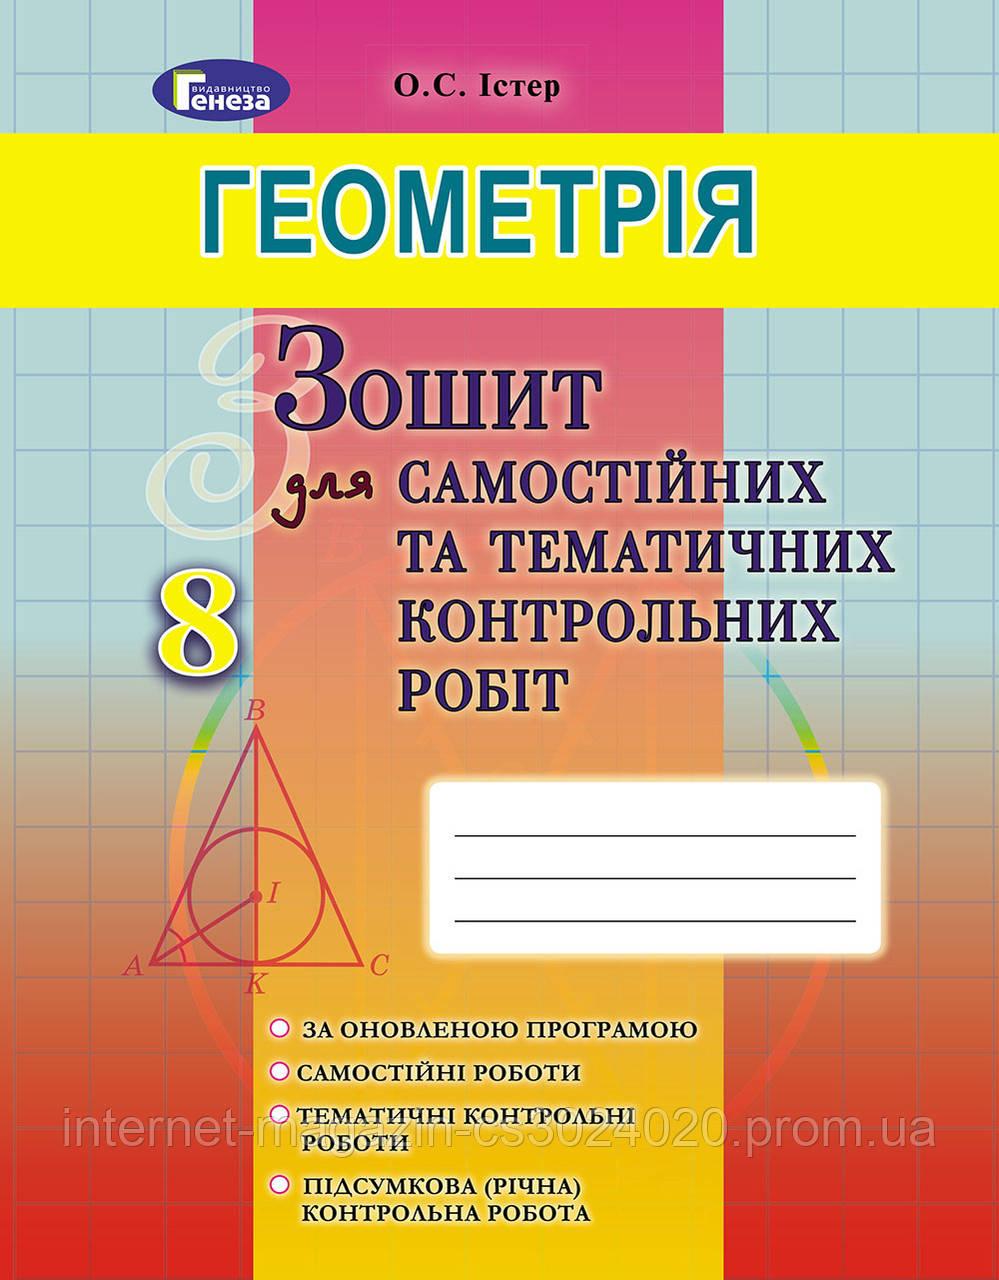 Геометрія 8 клас. Зошит для самостійних та тематичних контрольних робіт. Істер О. С.